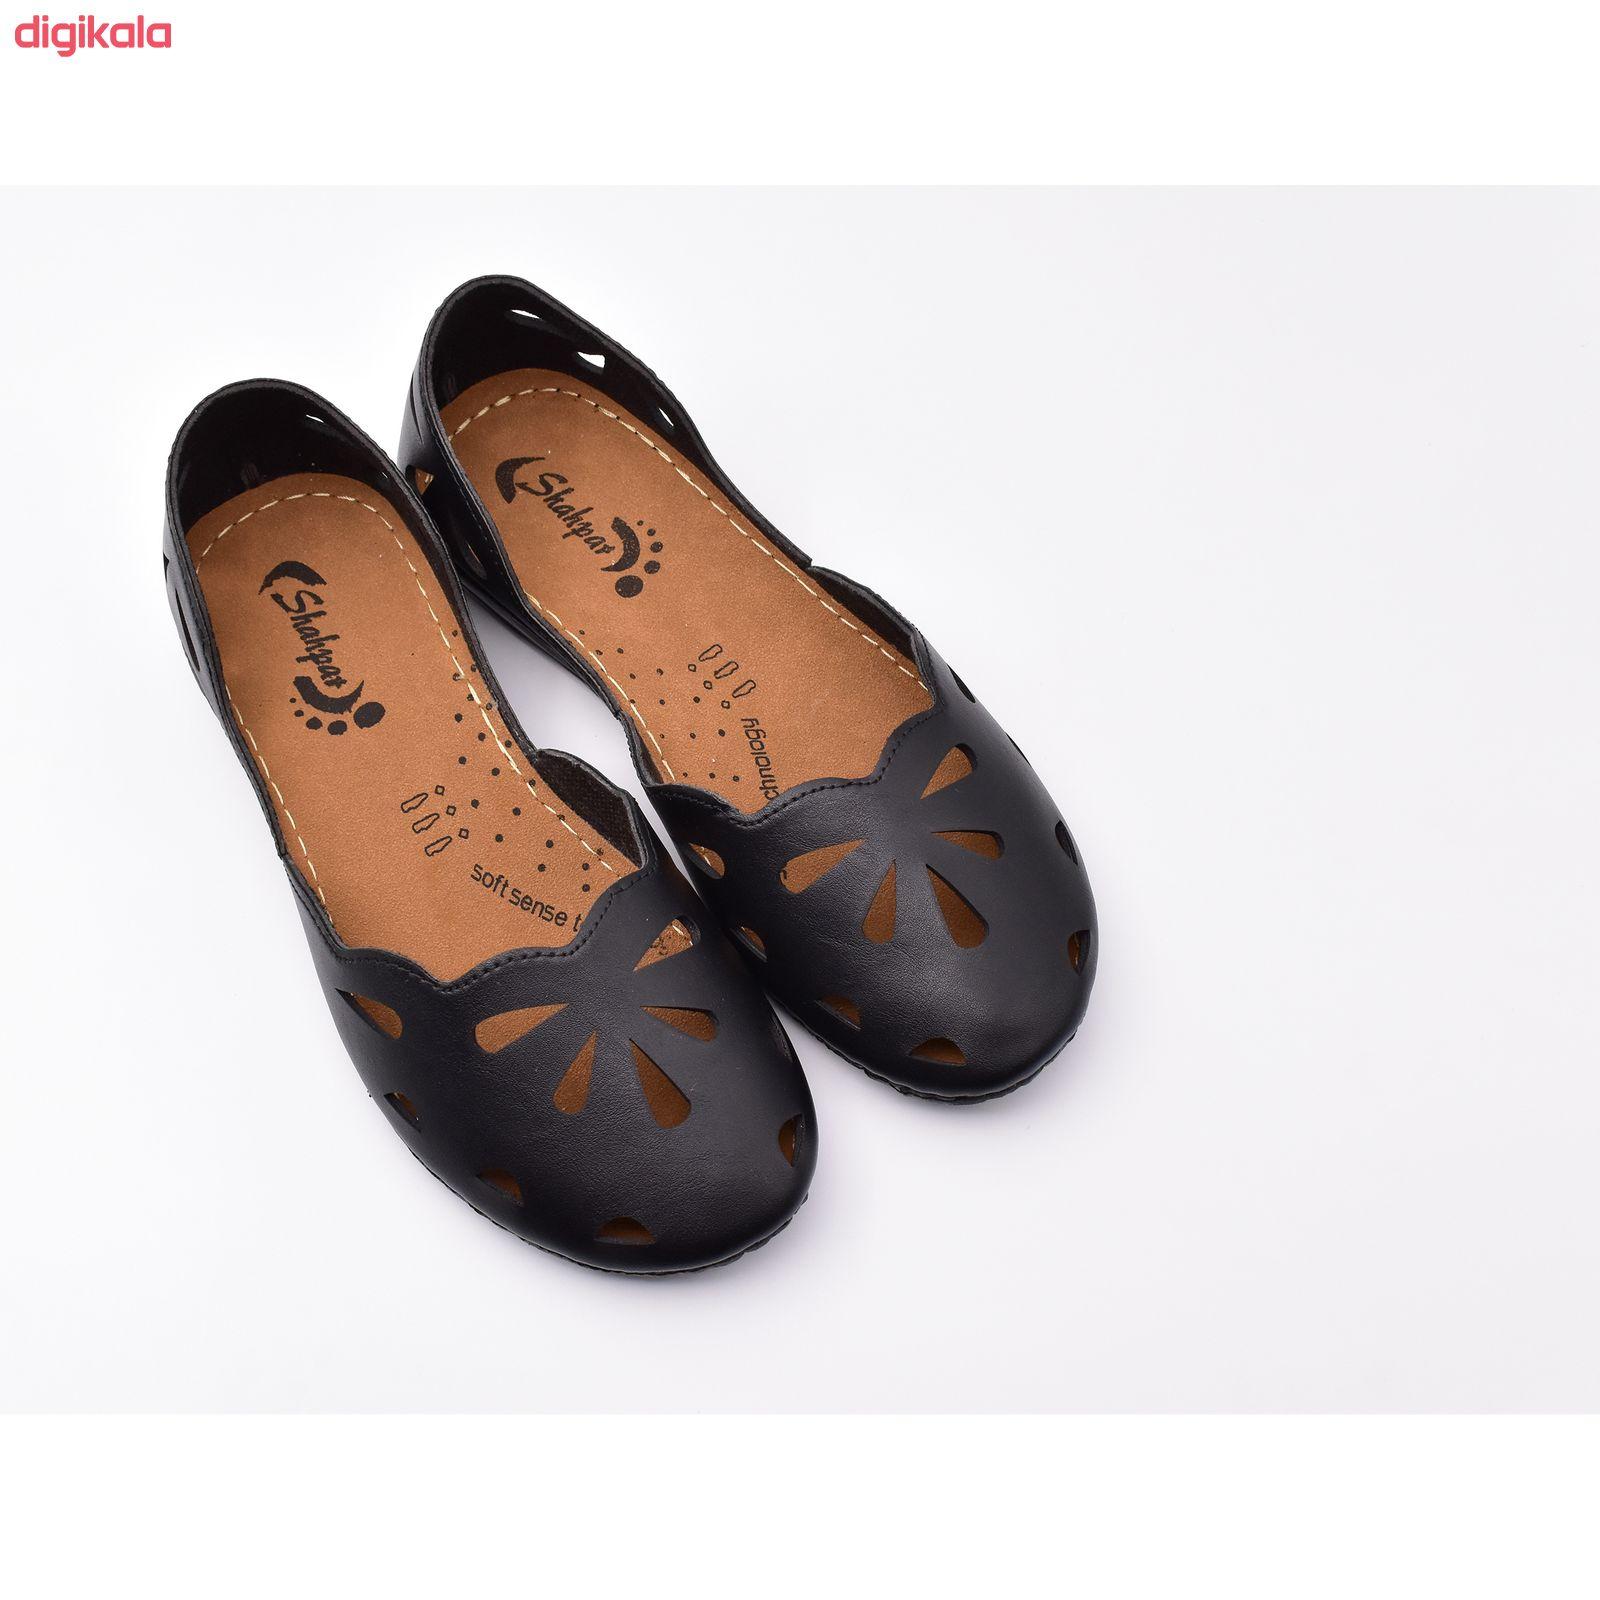 کفش زنانه شهپر مدل رویا 109 کد 7187 main 1 2